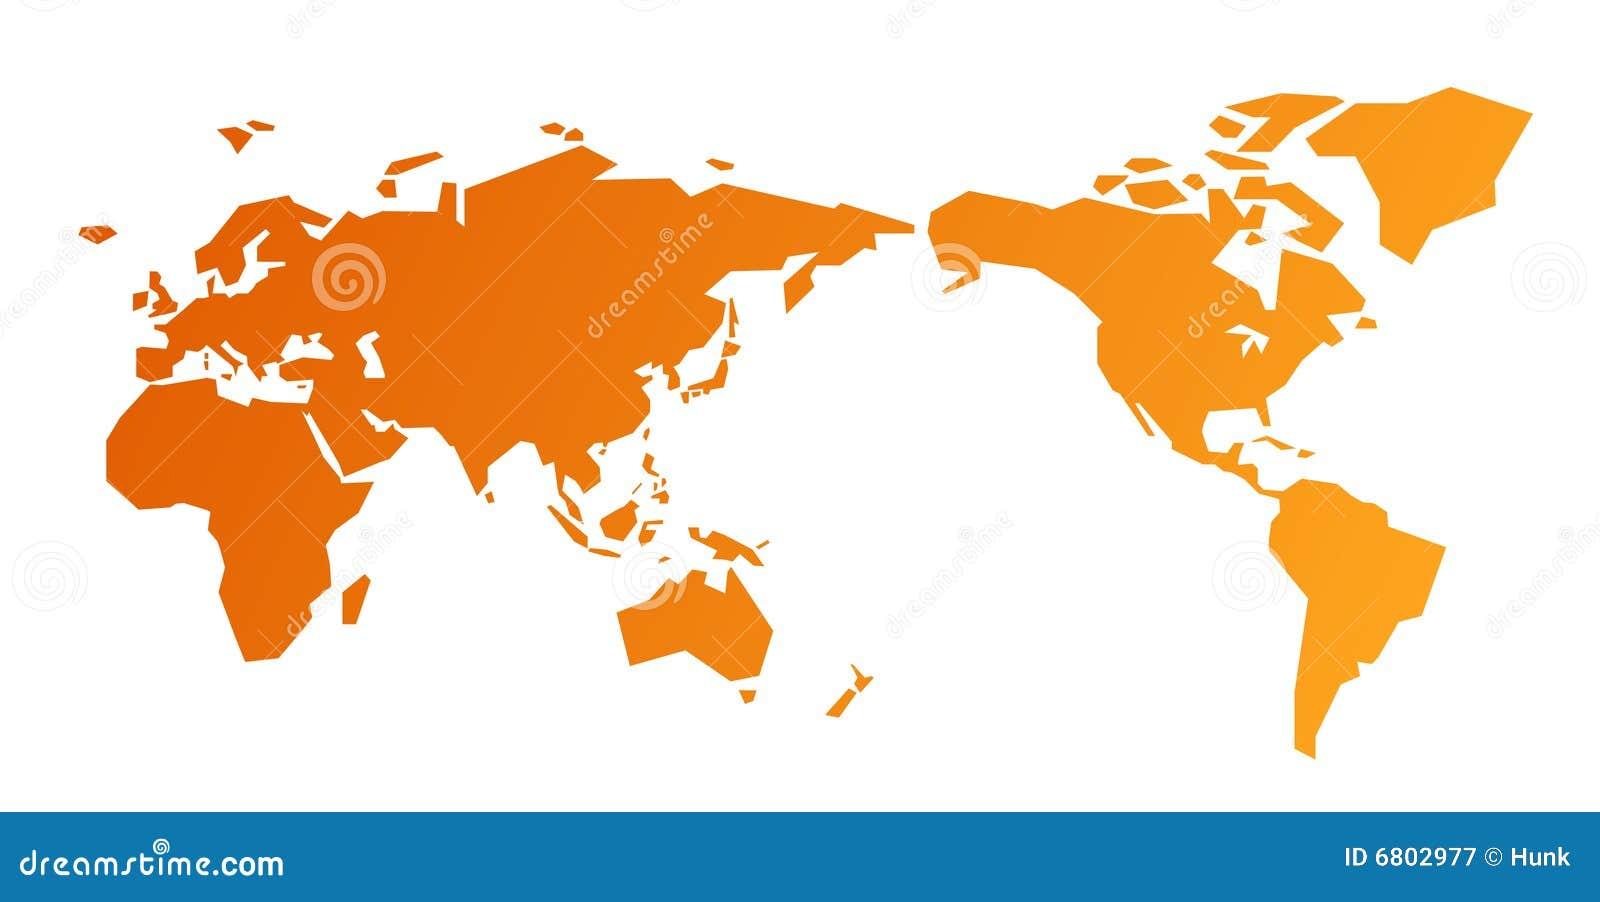 World map stock vector illustration of orange globe 6802977 world map royalty free stock photo gumiabroncs Images